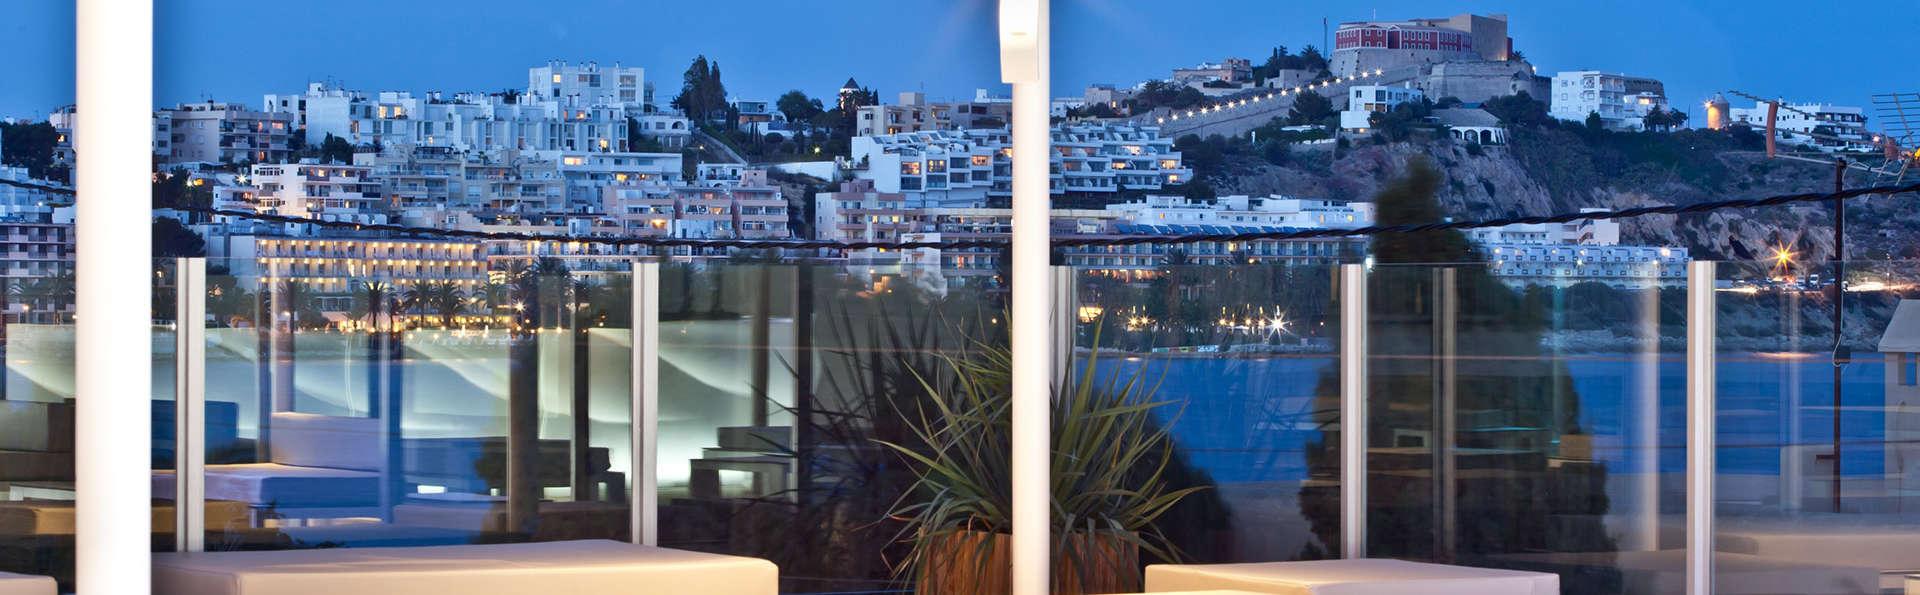 Divertissement en plein cœur d'Ibiza et en appartement